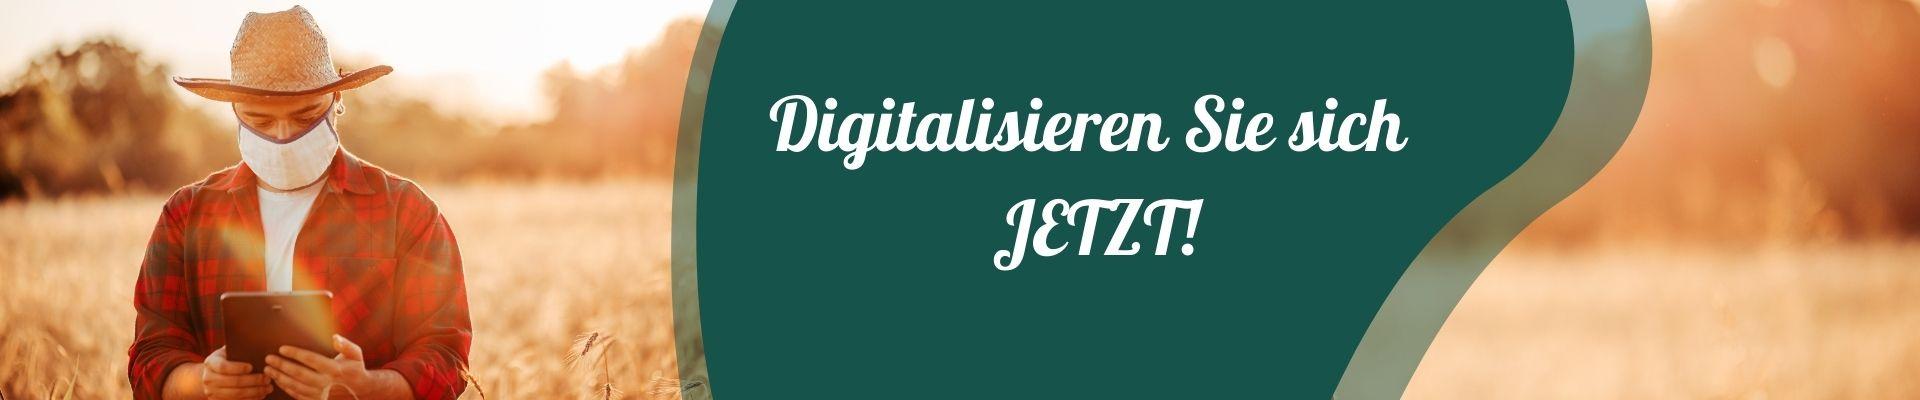 Digitalisieren Sie sich jetzt!